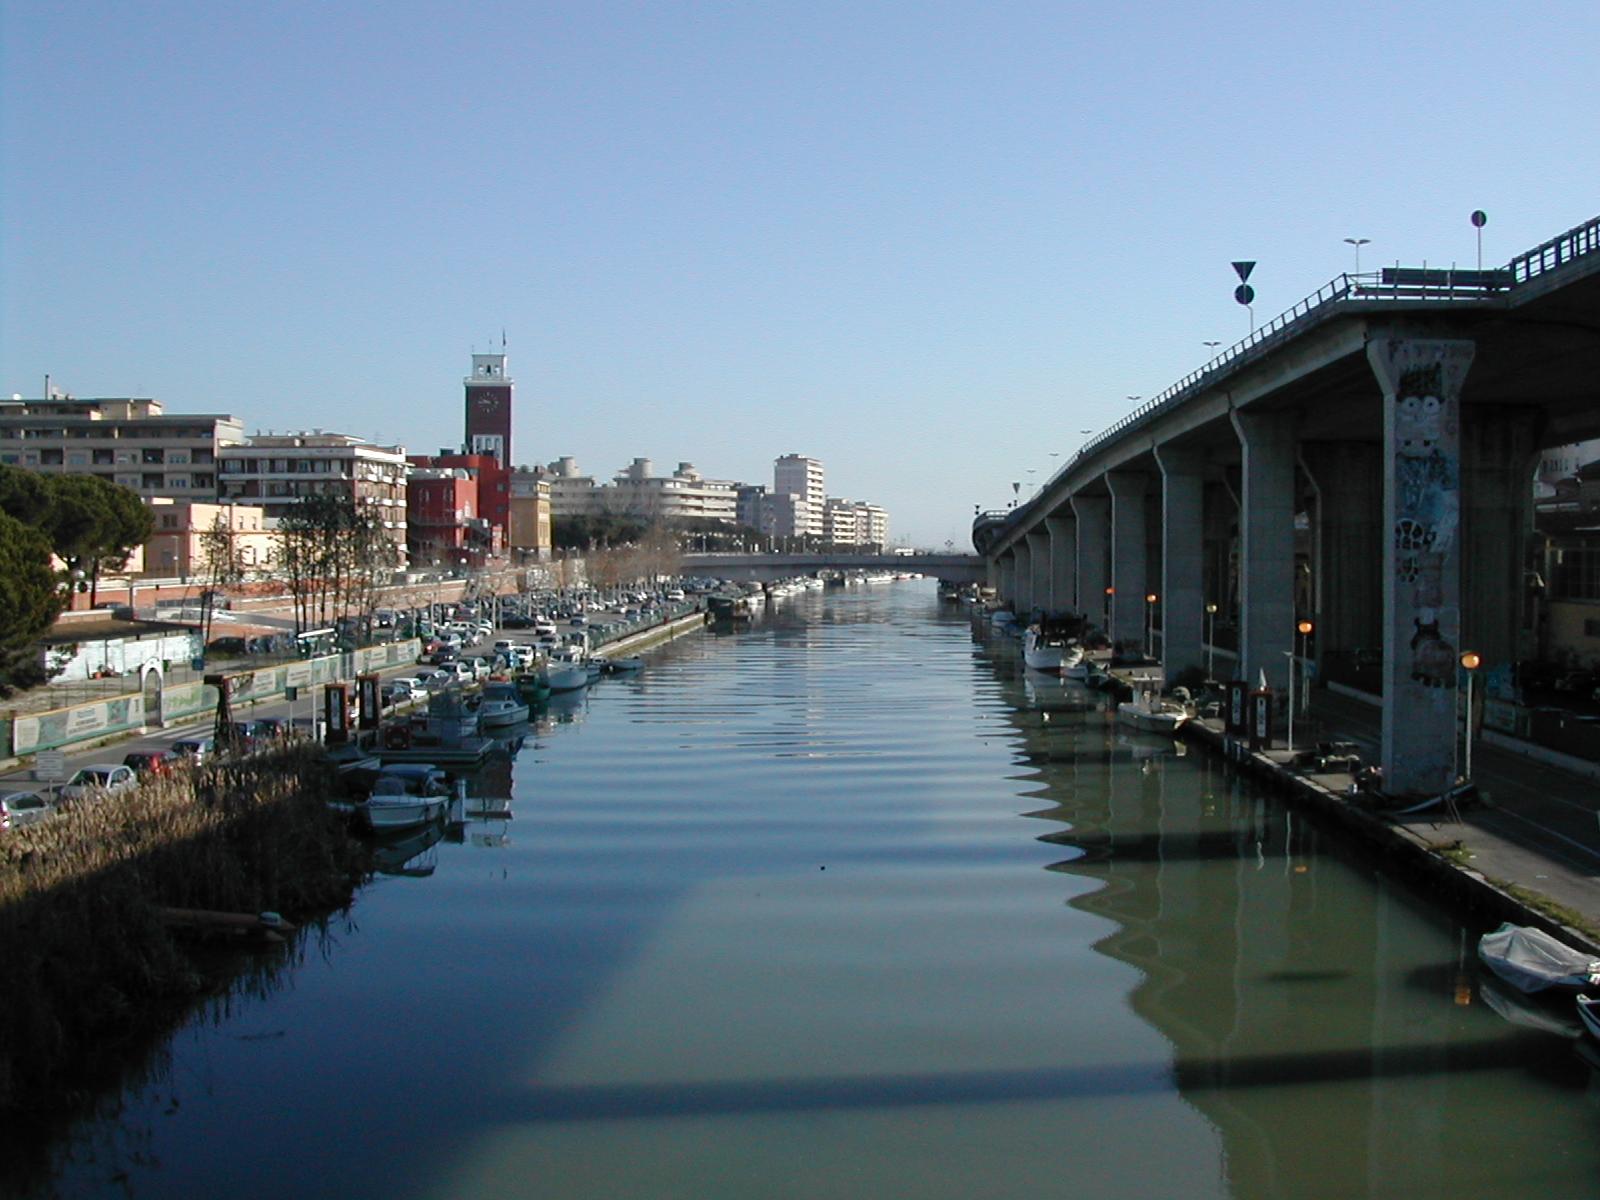 Pescara ok a pulizia letto fiume - Letto di un fiume ...